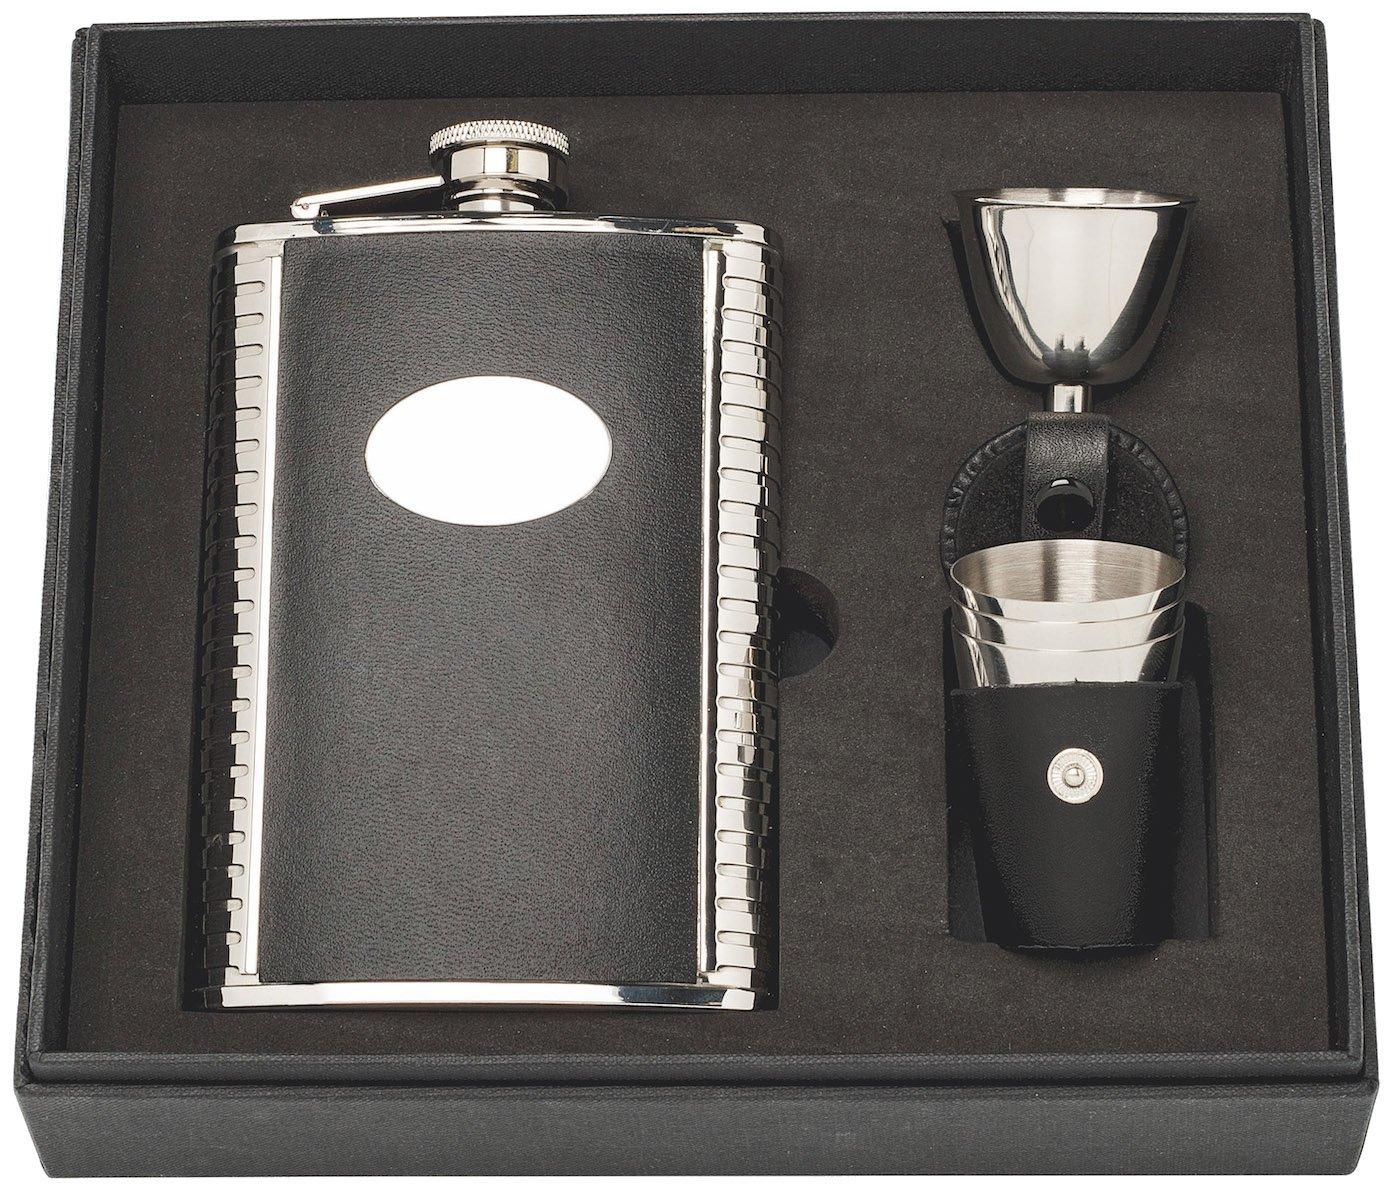 237ml Silber Herbertz Herren Taschenflasche-Geschenkset mit 3 Bechern und Einf/ülltrichter im Lederetui Flachmann